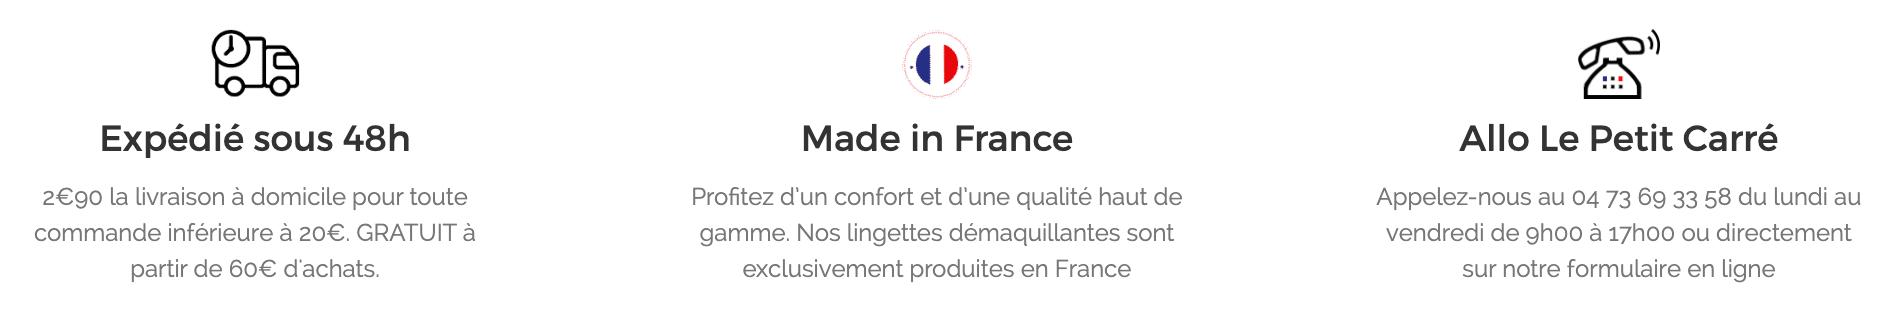 Footer Le petit carré français